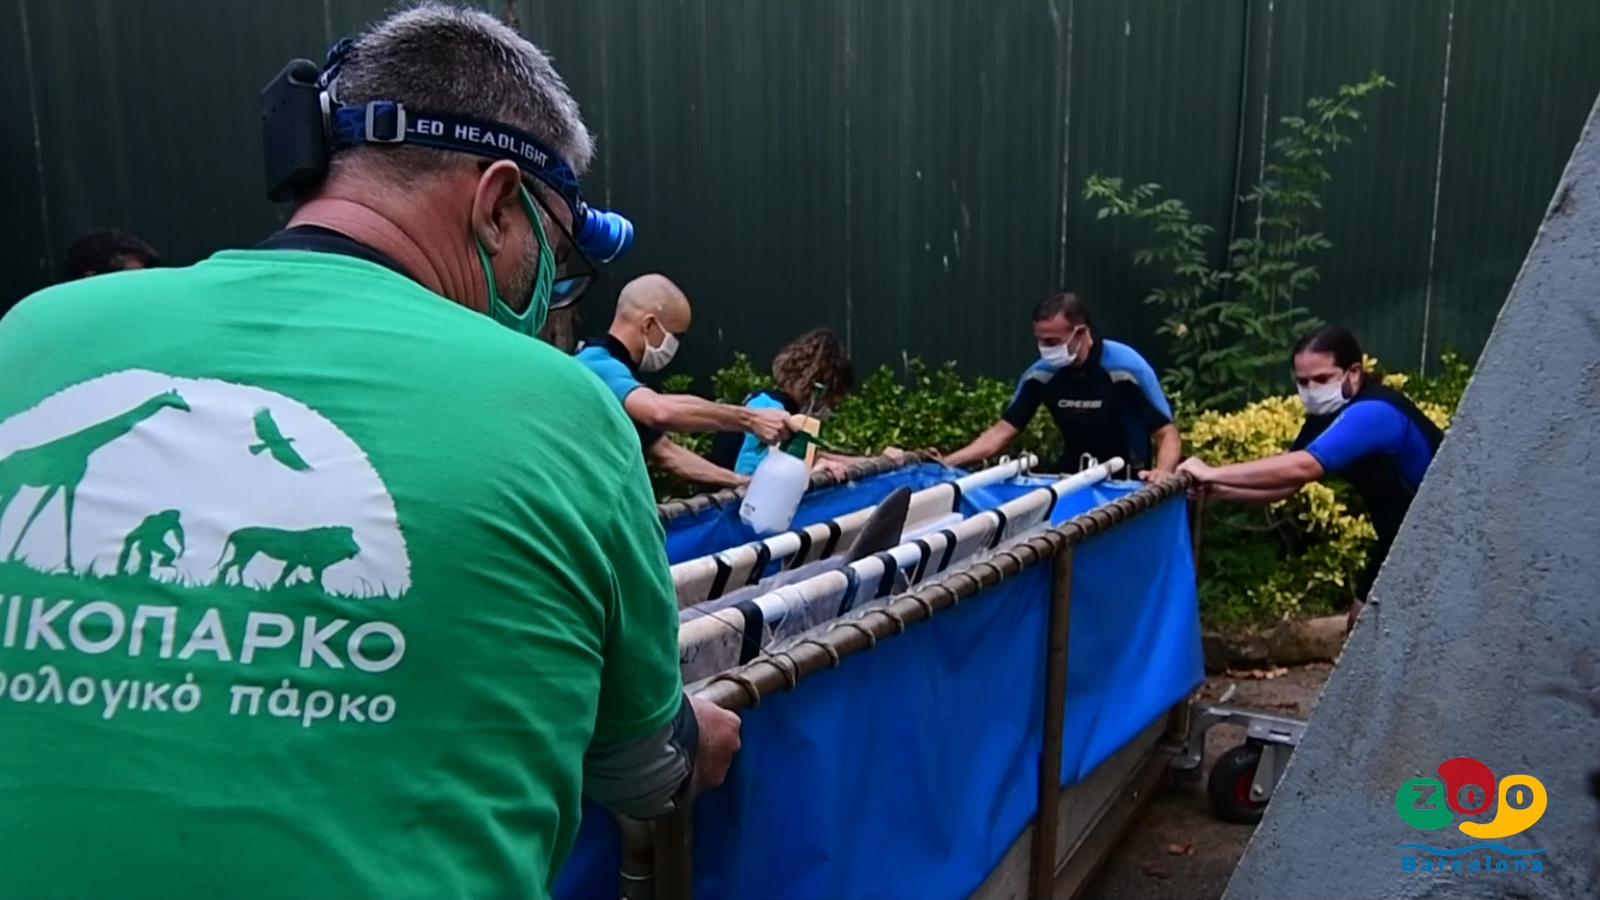 Barcelona envia els seus dofins a un zoo d'Atenes sense preavís